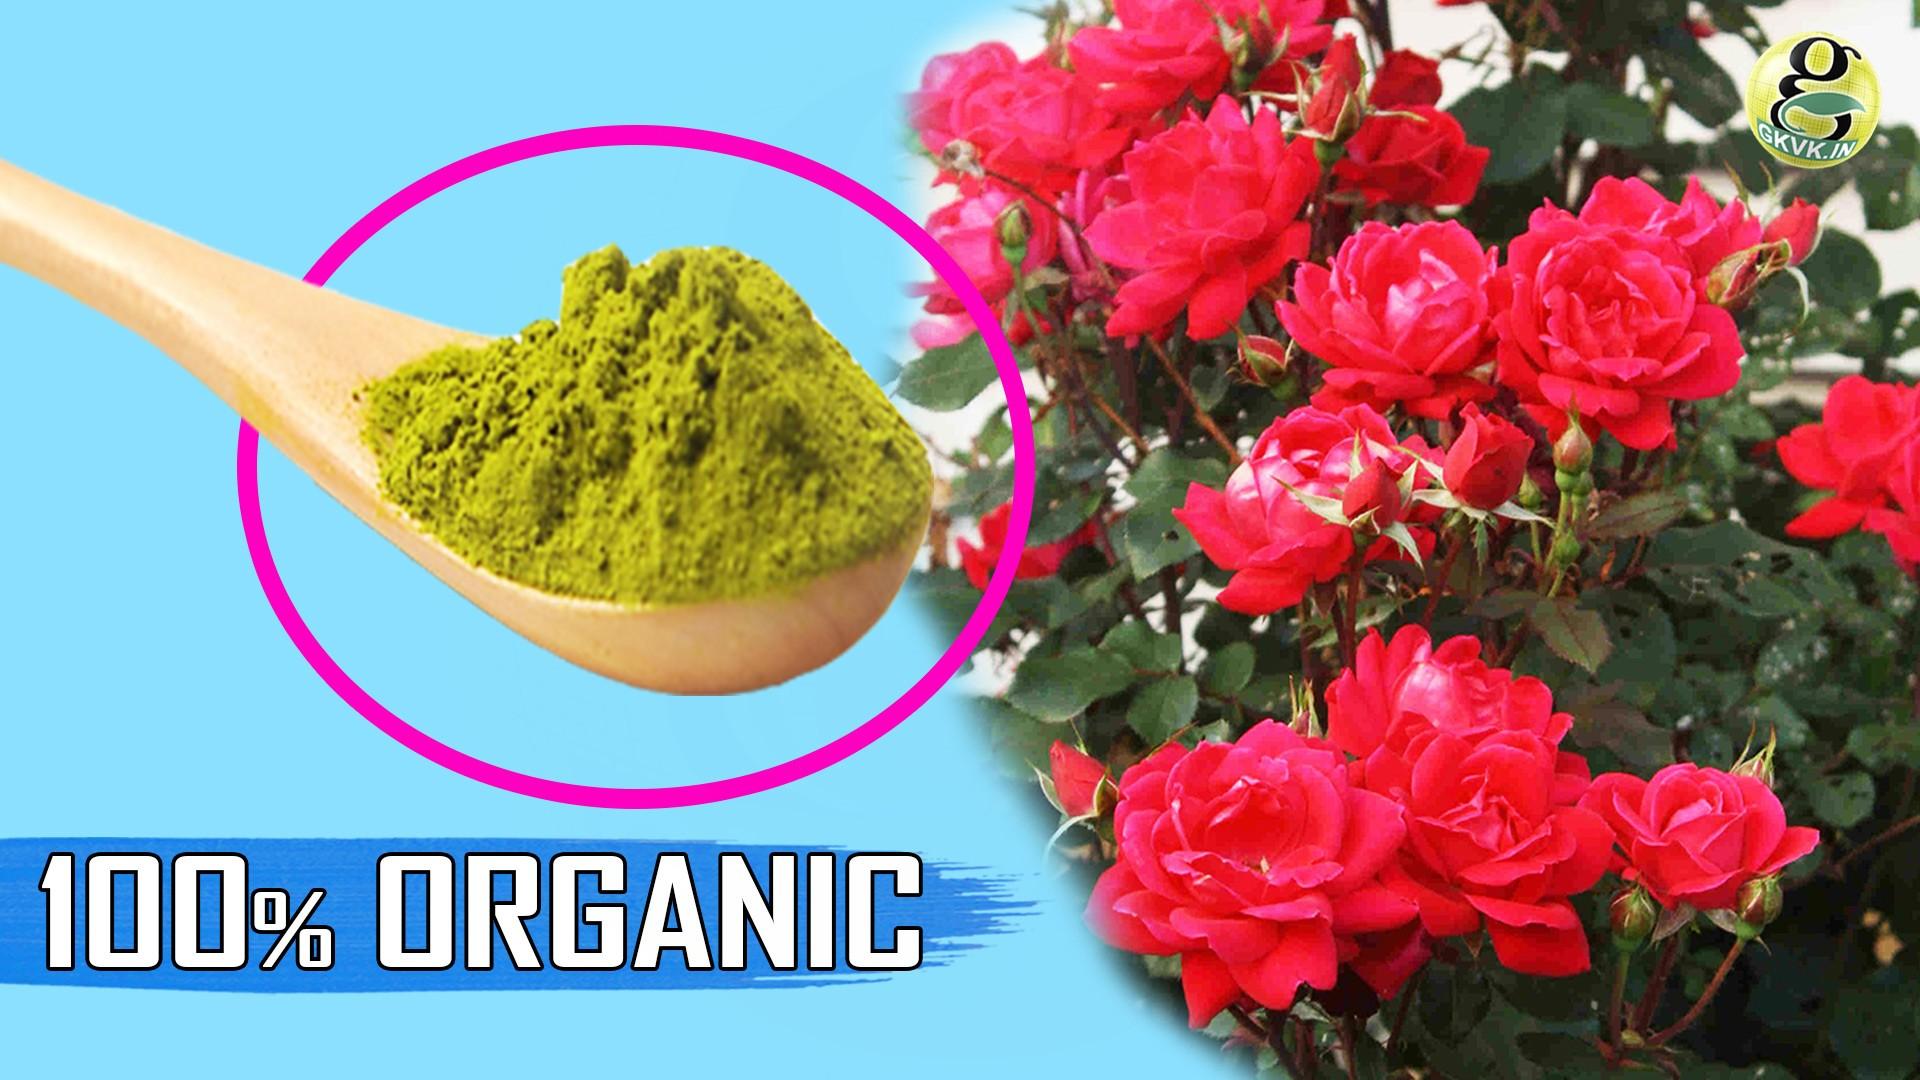 BEST FERTILIZER RECIPE: DIY 100% Organic Fertiliser Mixture